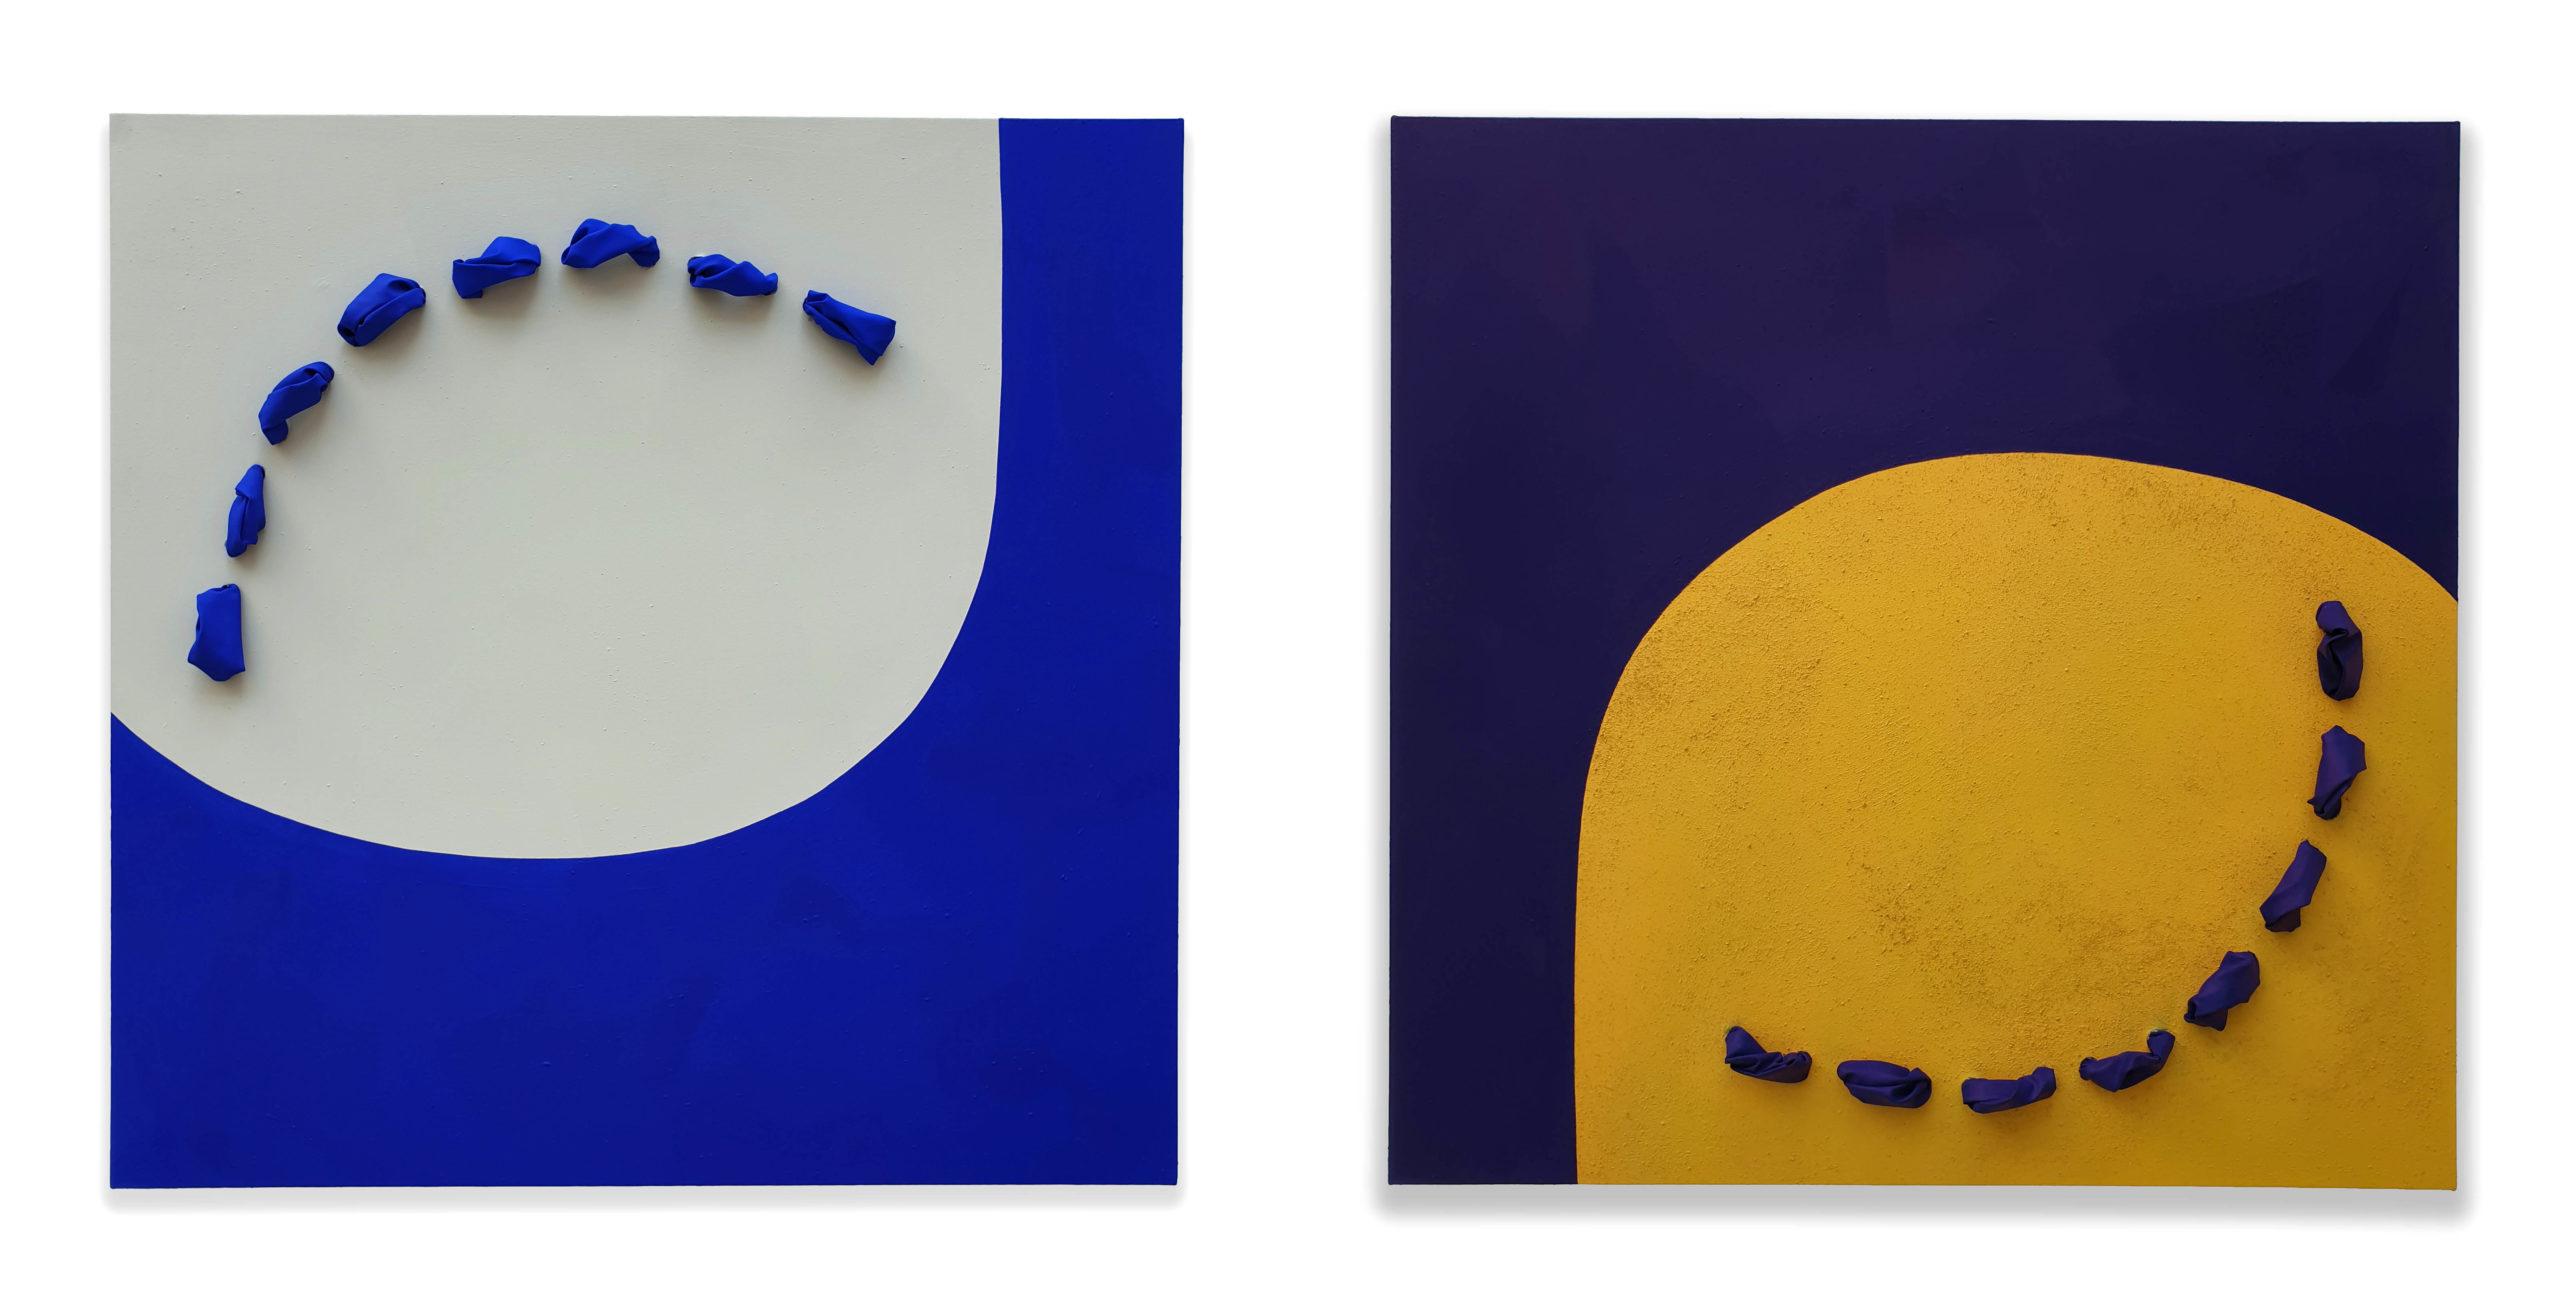 Flowing Giottesco, pigmento acrilico su tela tesa su tavola, 120 x 120 x 11 cm (ciascuno), 2019 – Courtesy Bislacchi Studio